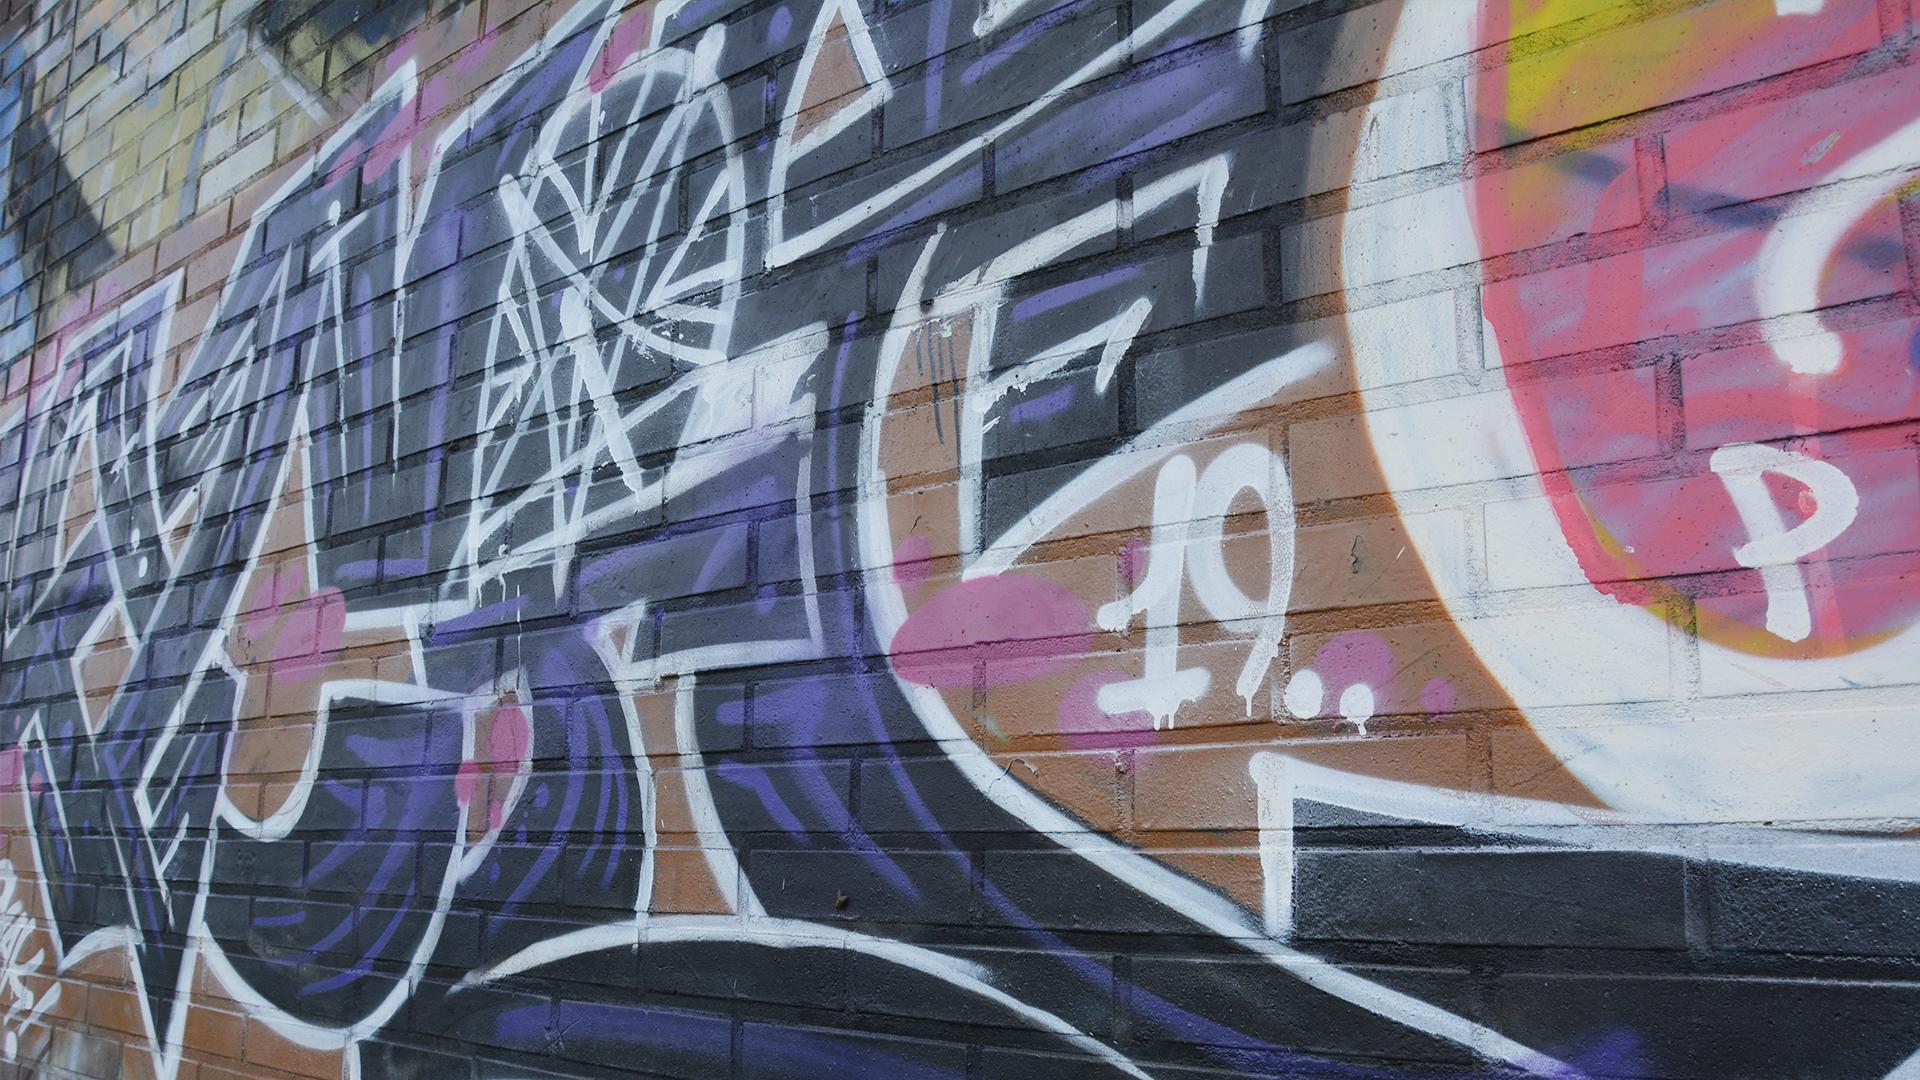 graffiti verwijderen metselwerk